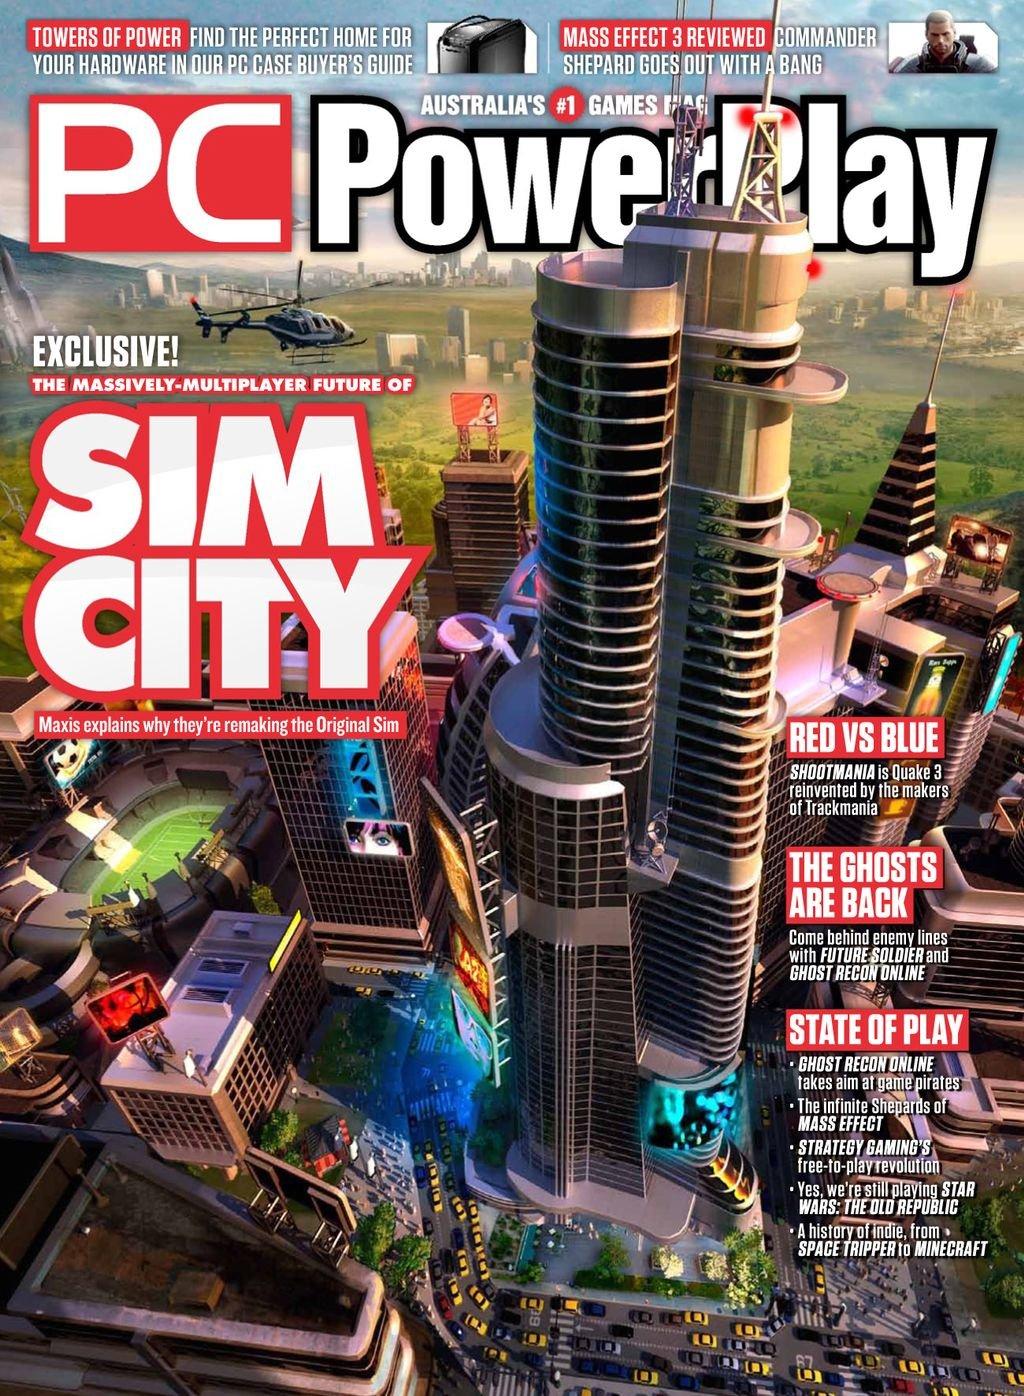 PC Powerplay 202 (April 2012)